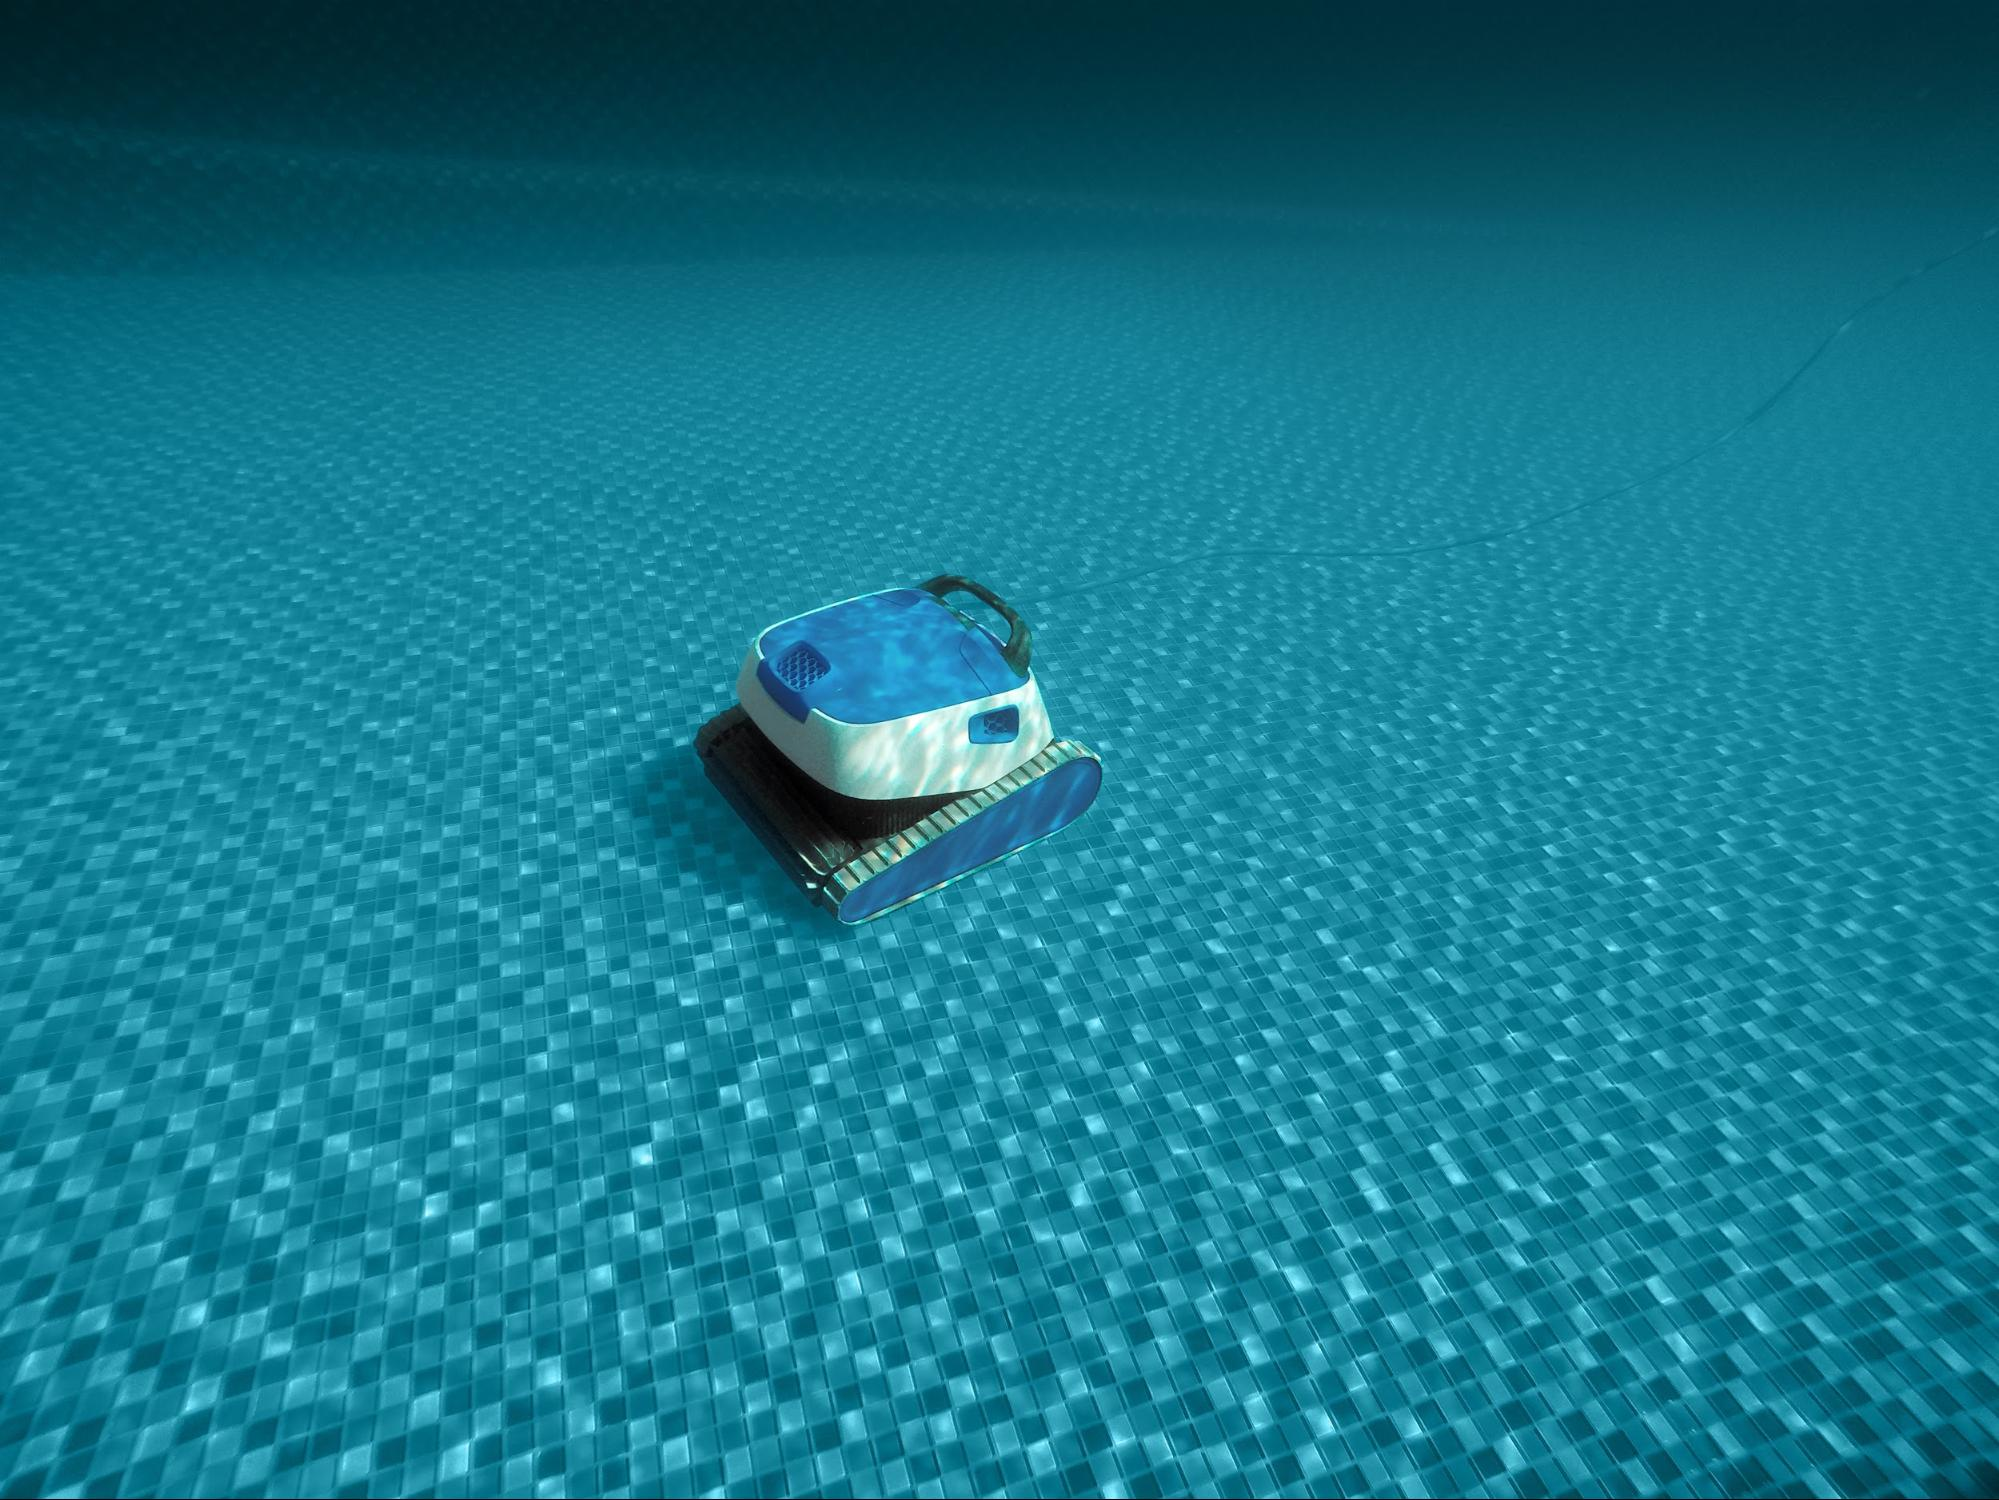 robô aspirador na piscina